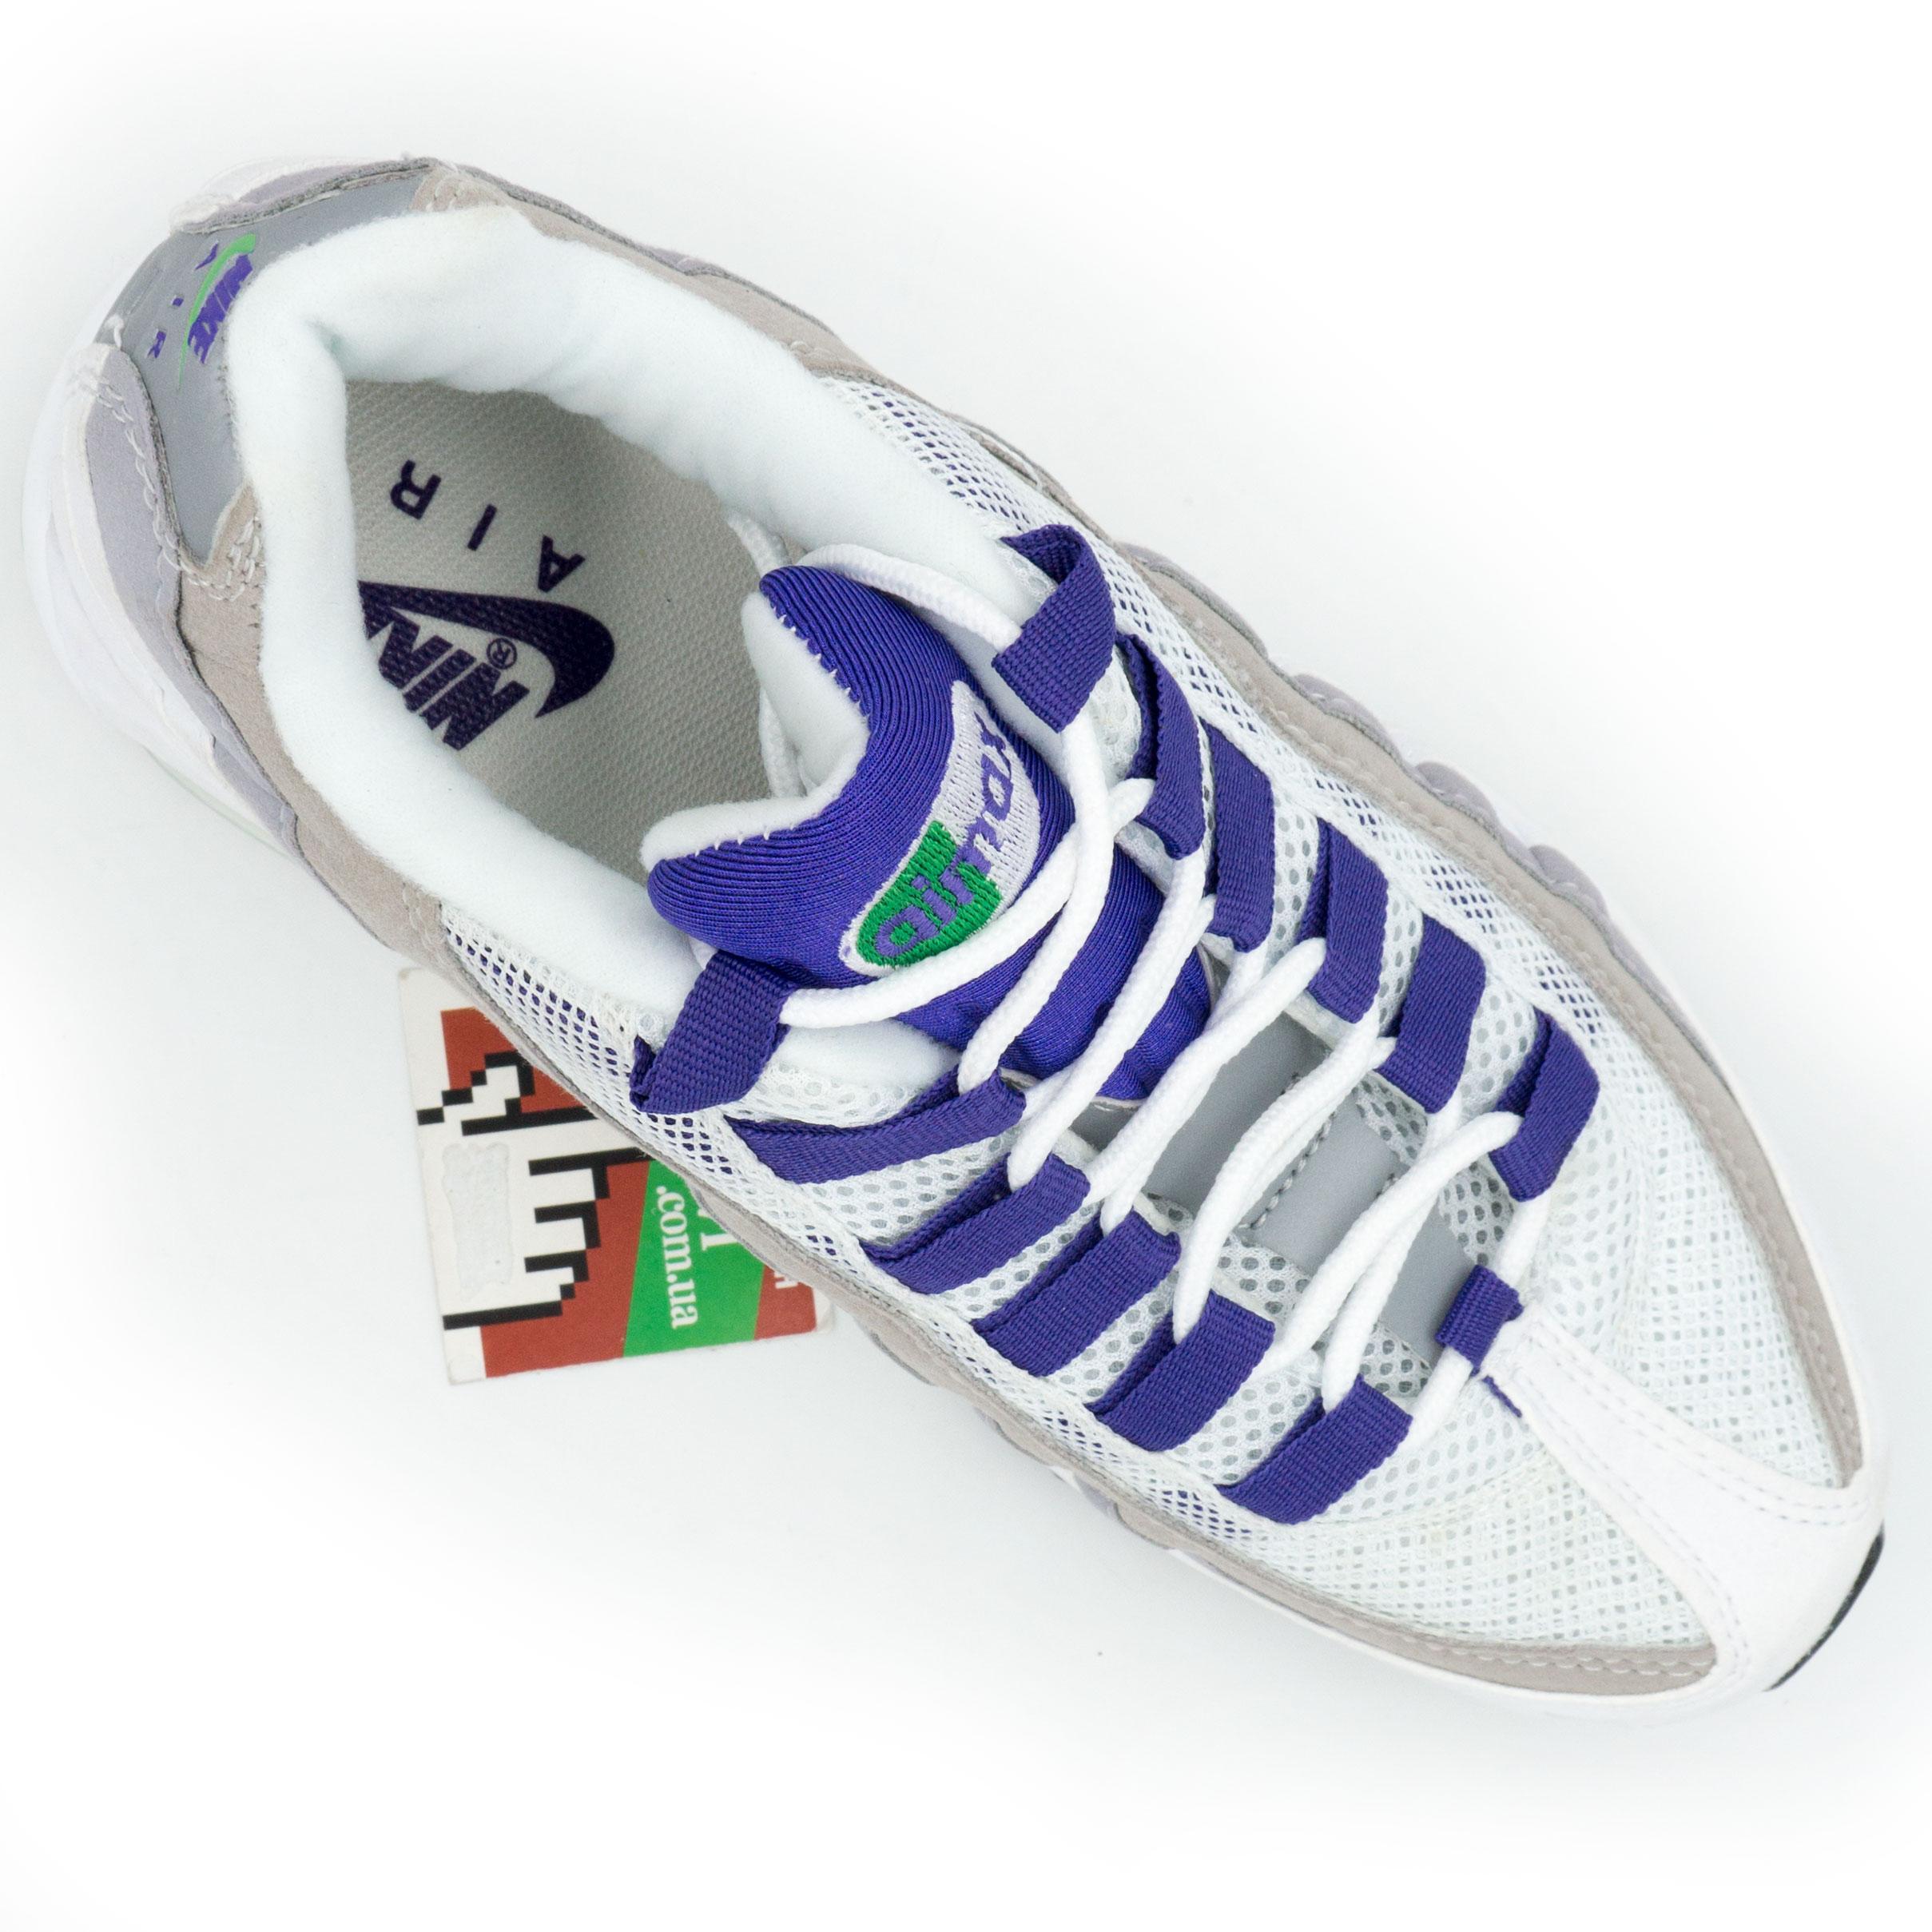 фото front Женские кроссовки Nike air max 95 бело-серо-фиолетовые. ТОП КАЧЕСТВО!!! front